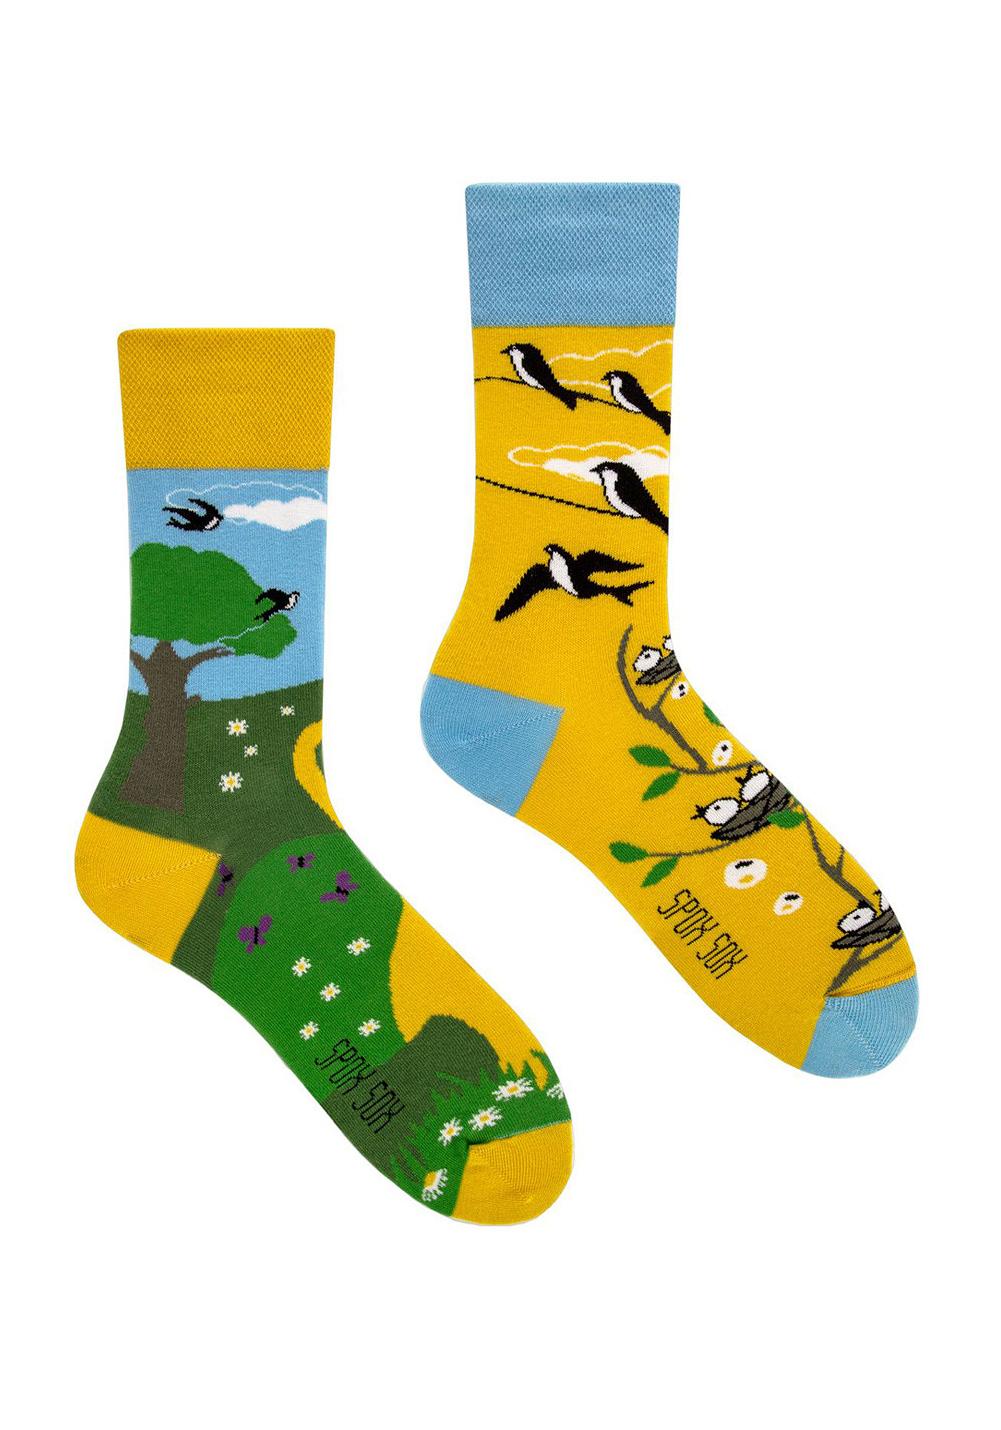 Ponožky Spox Sox Jedna vlaštovka, jaro